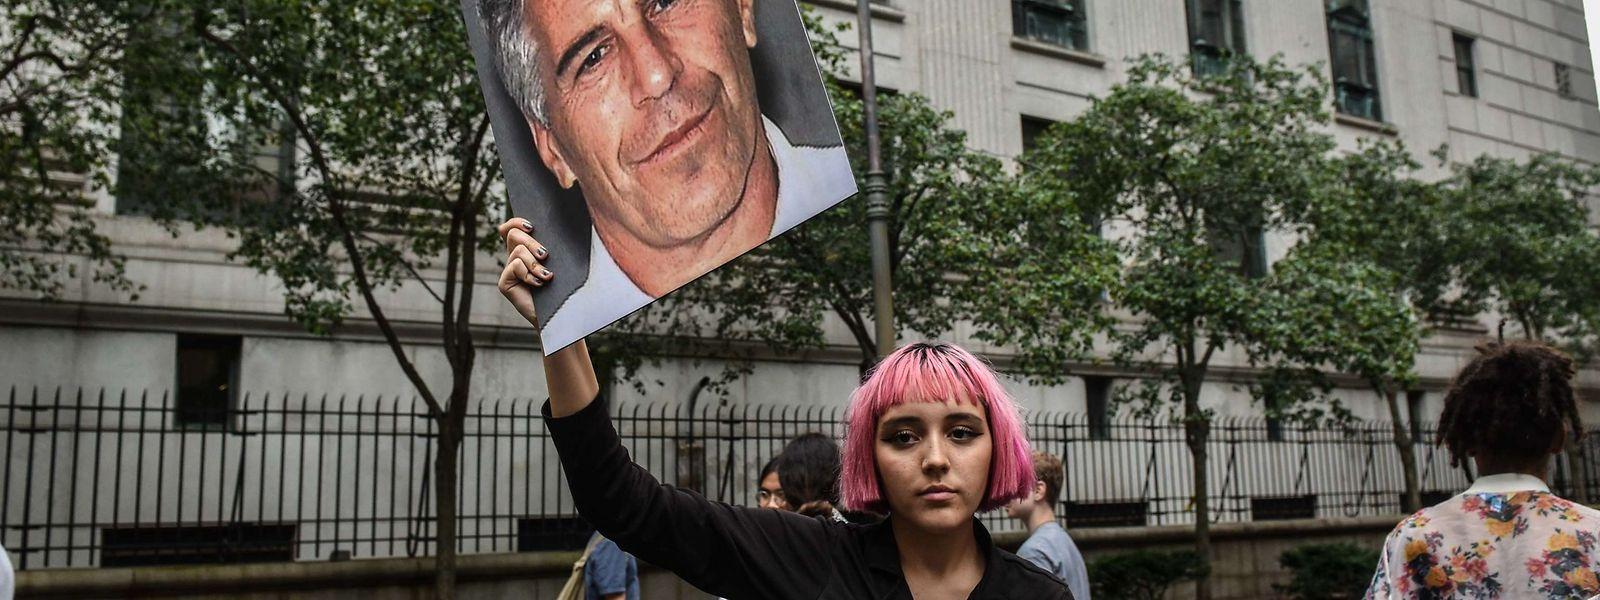 Während Epsteins Untersuchungshaft protestierten immer wieder Bürger vor dem Gerichtsgebäude und forderten Aufklärung.